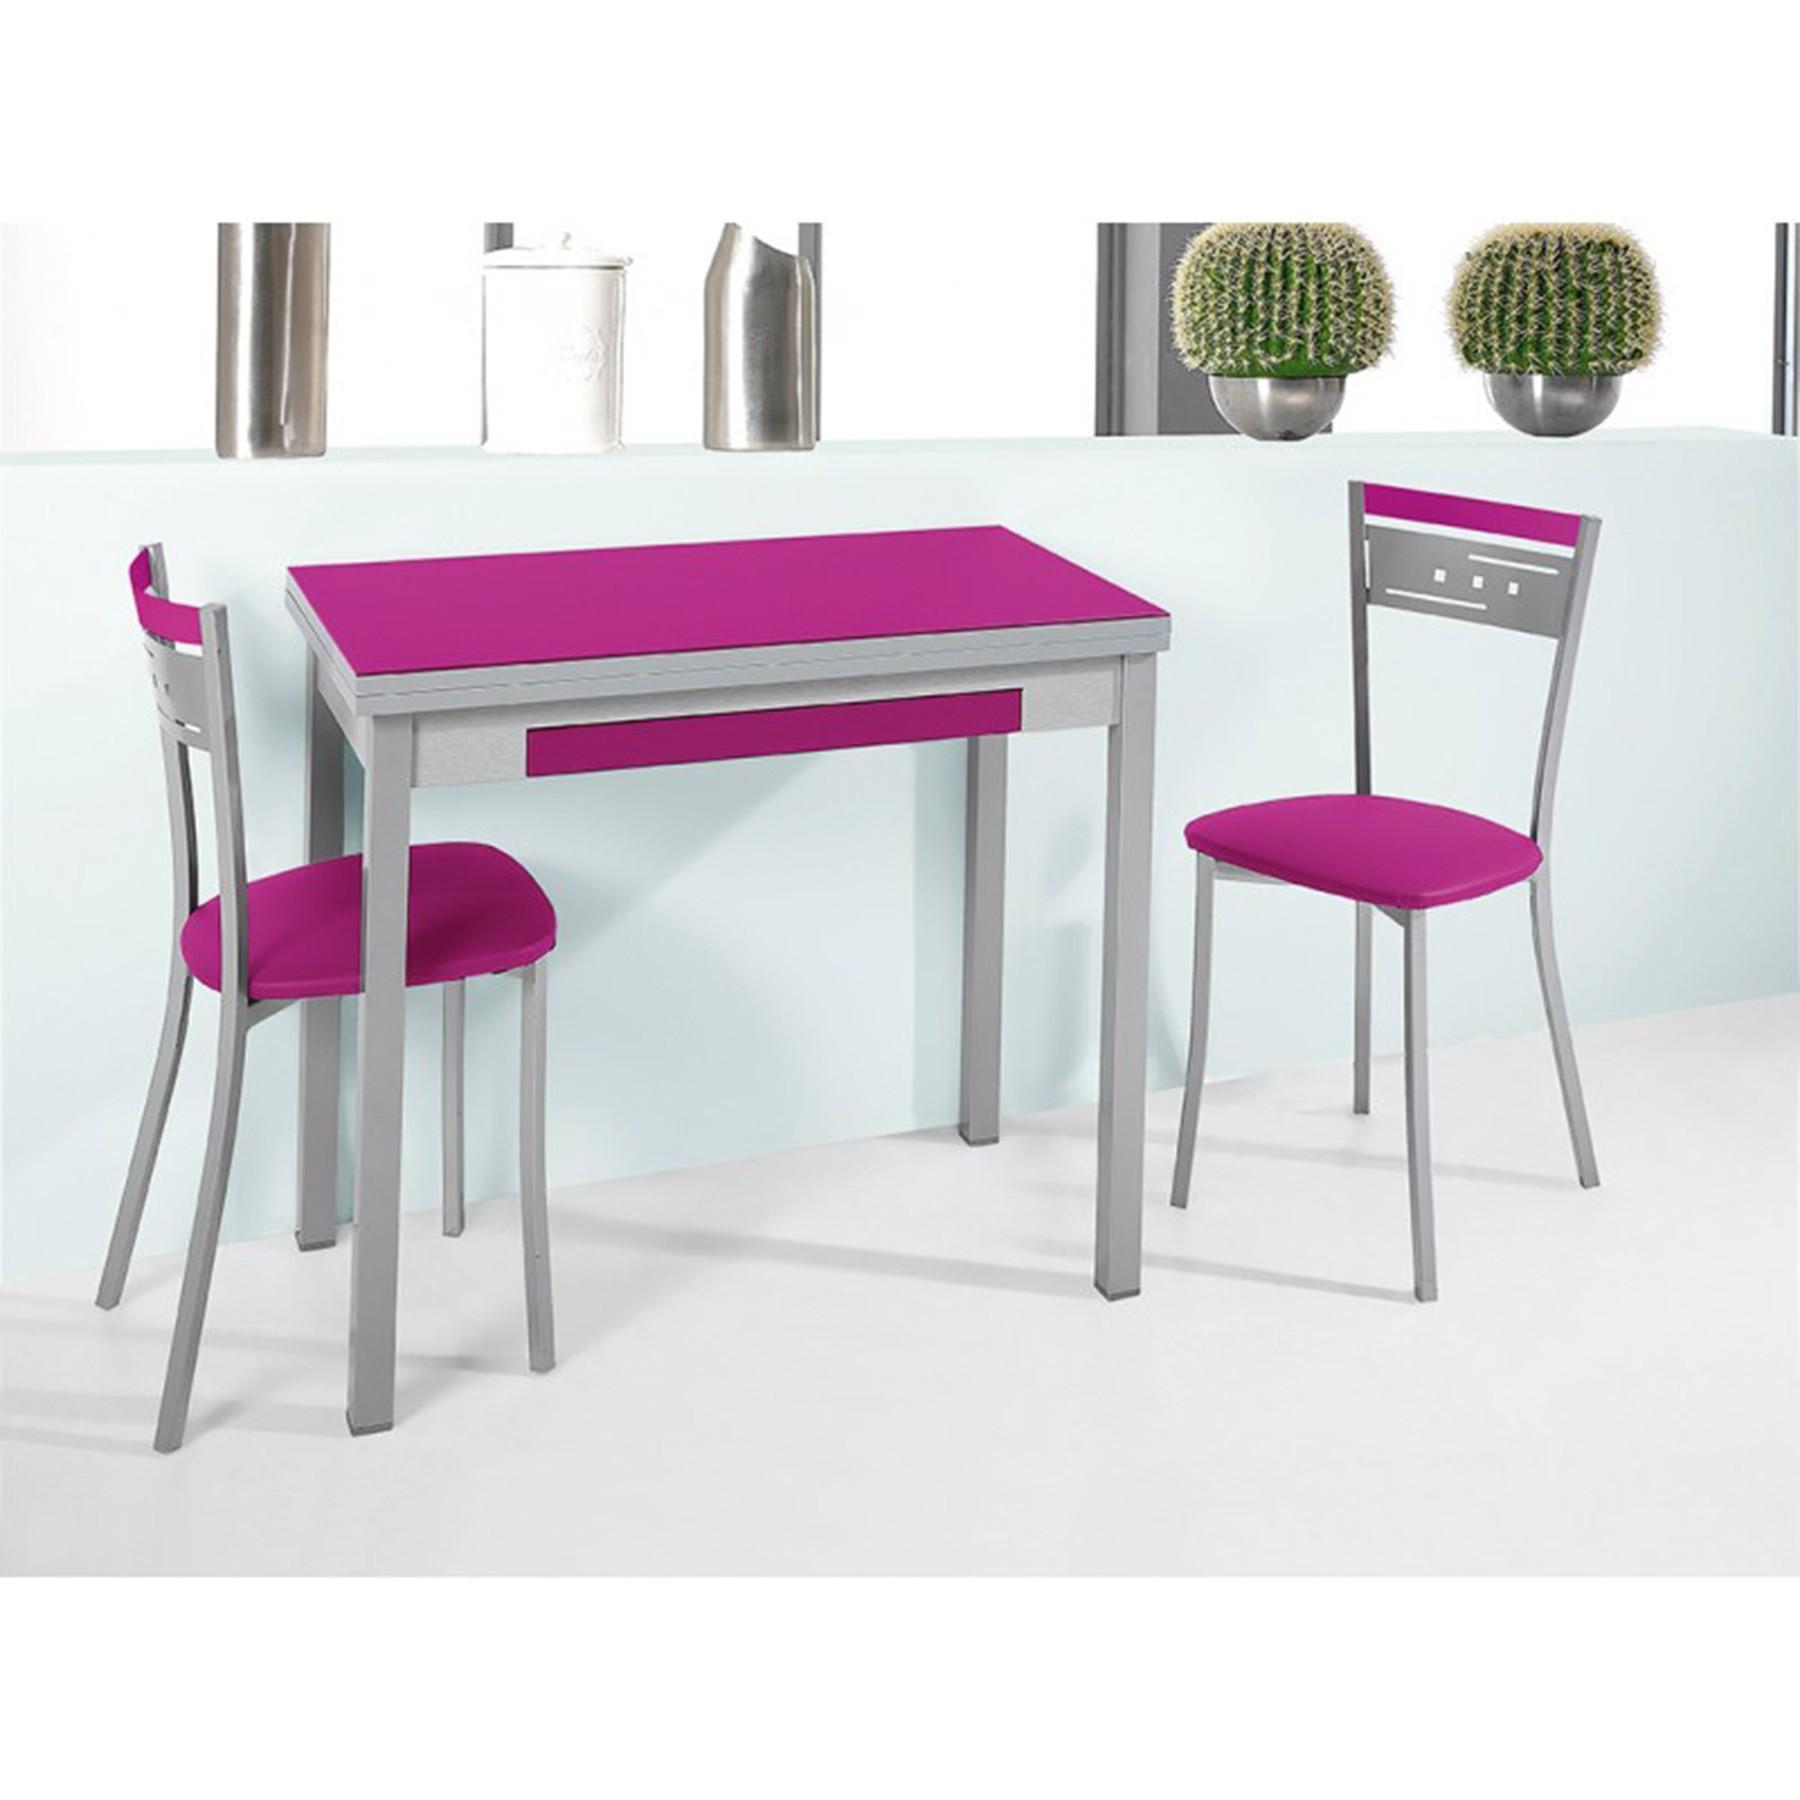 Conjunto de mesa libro y sillas de cocina modelo sunny - Mesas de cocina y sillas ...